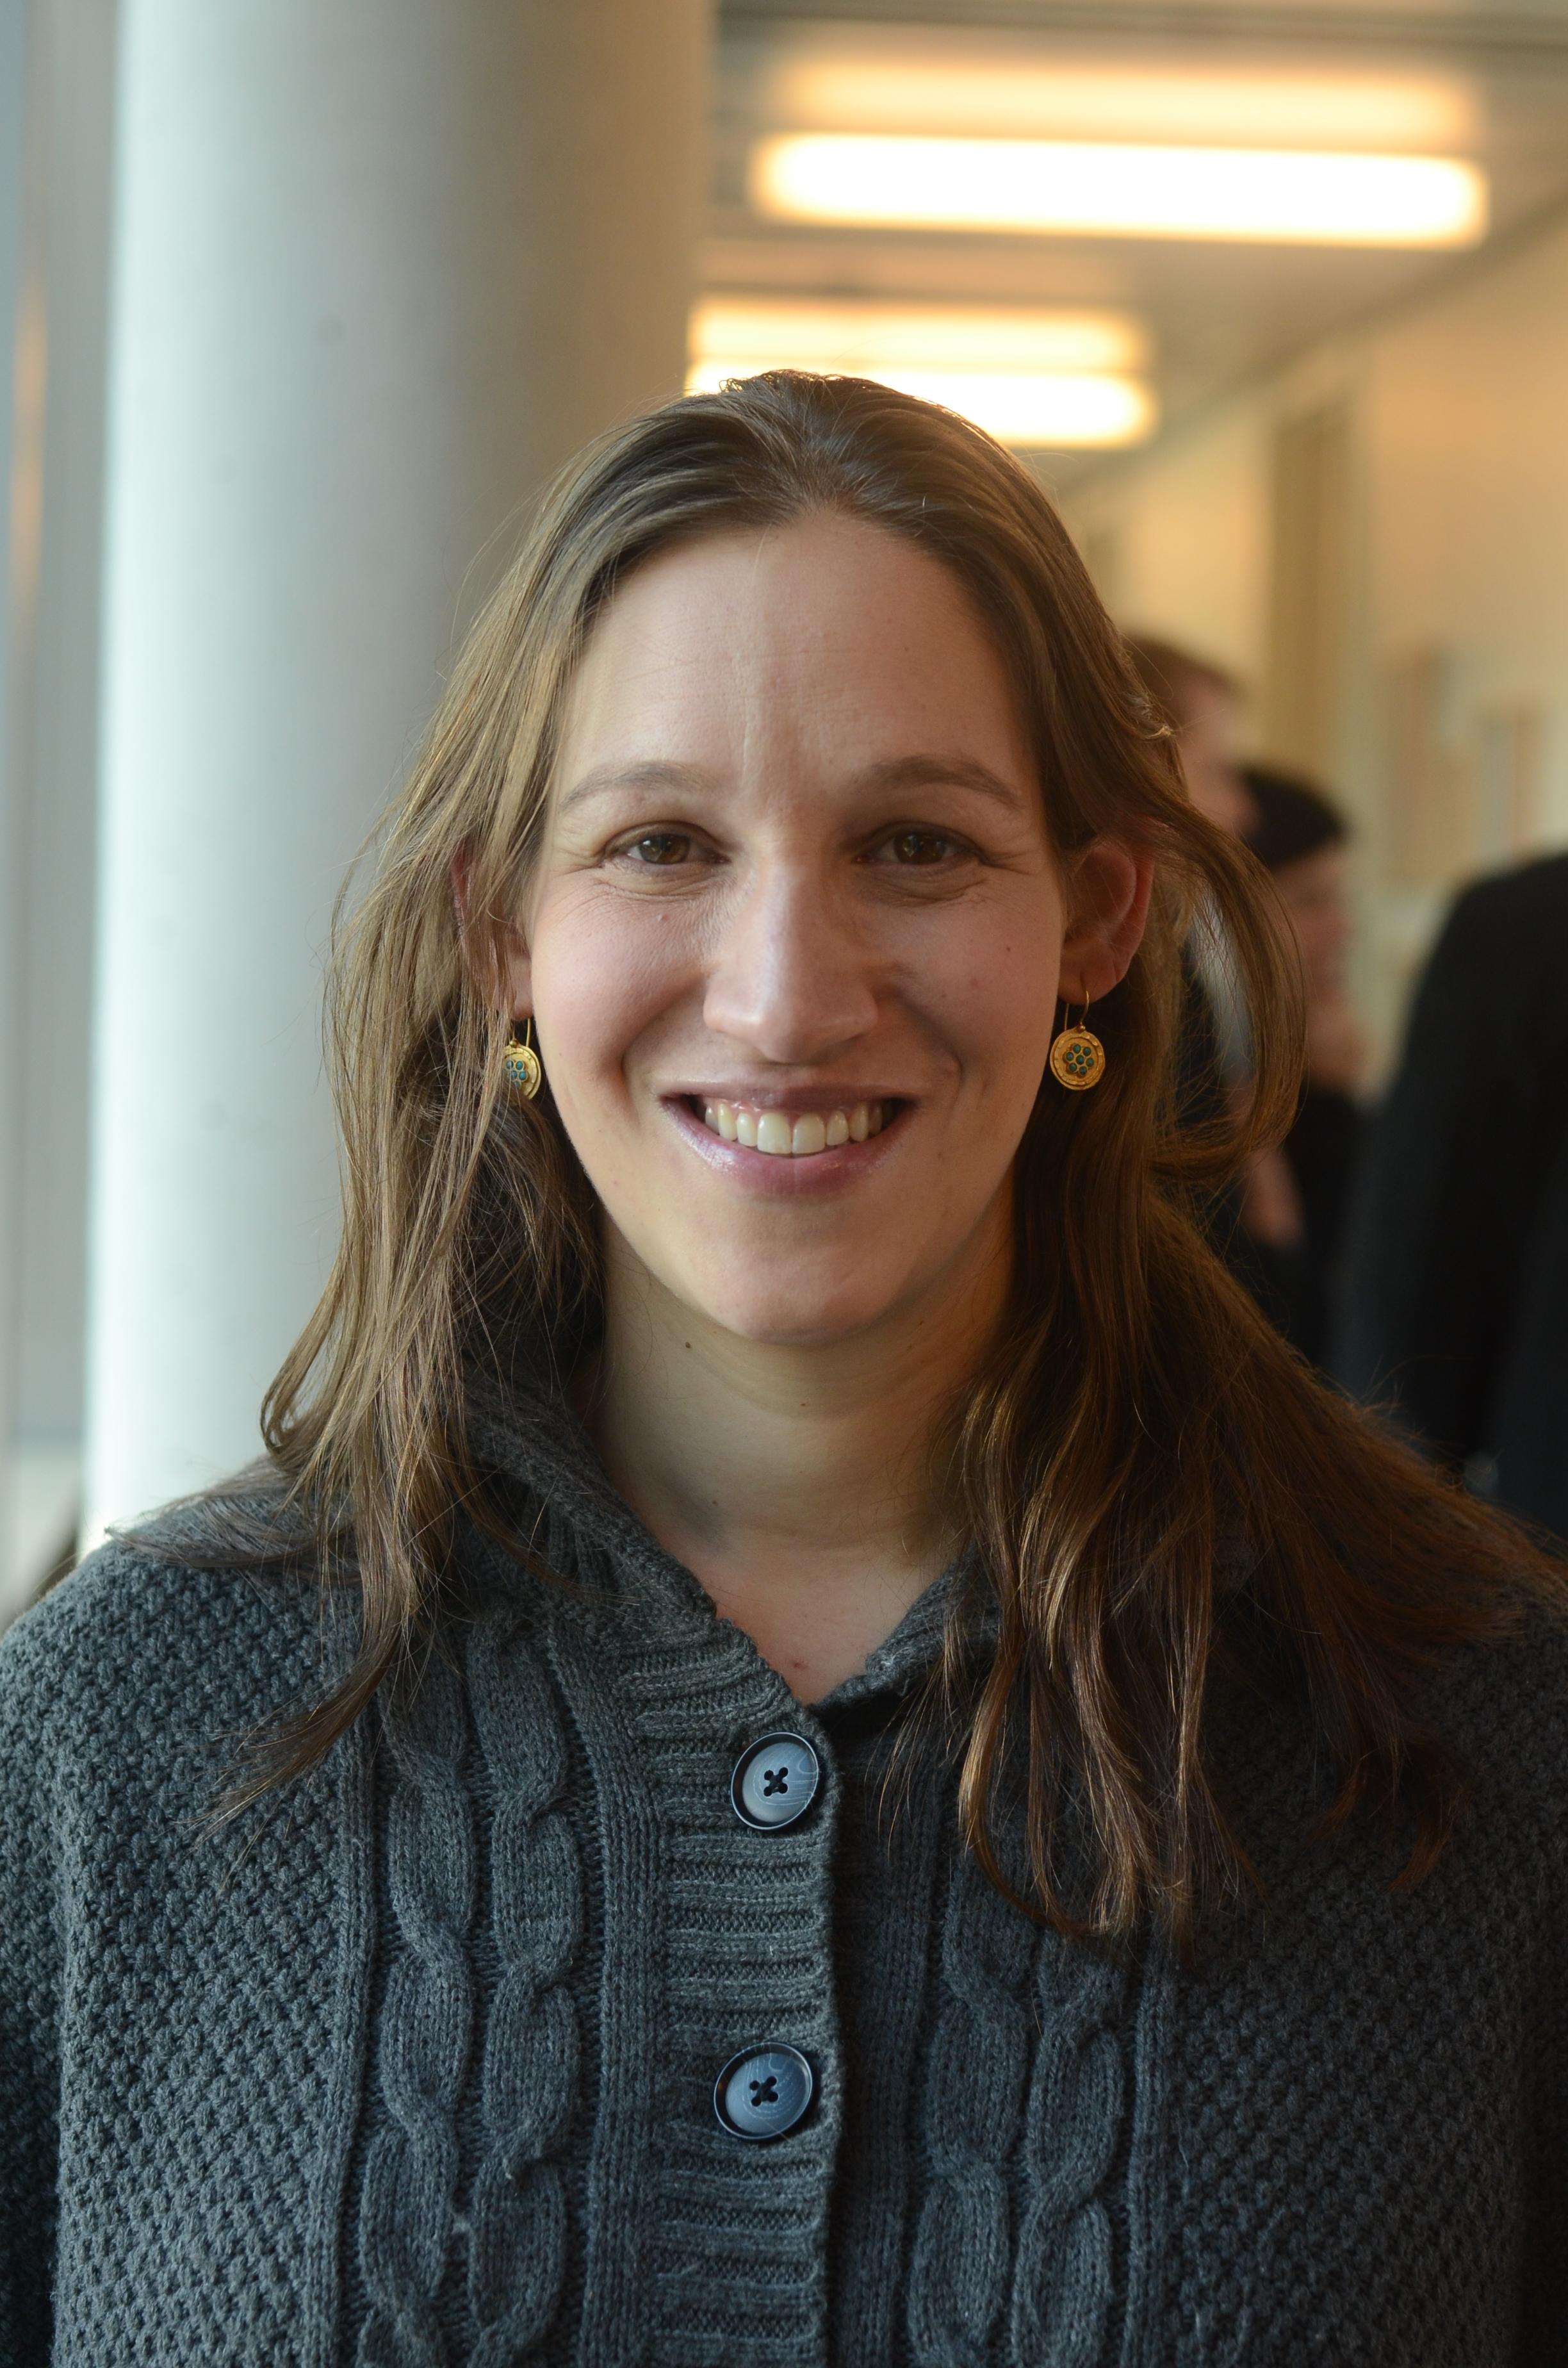 Dr. Rachel Fish